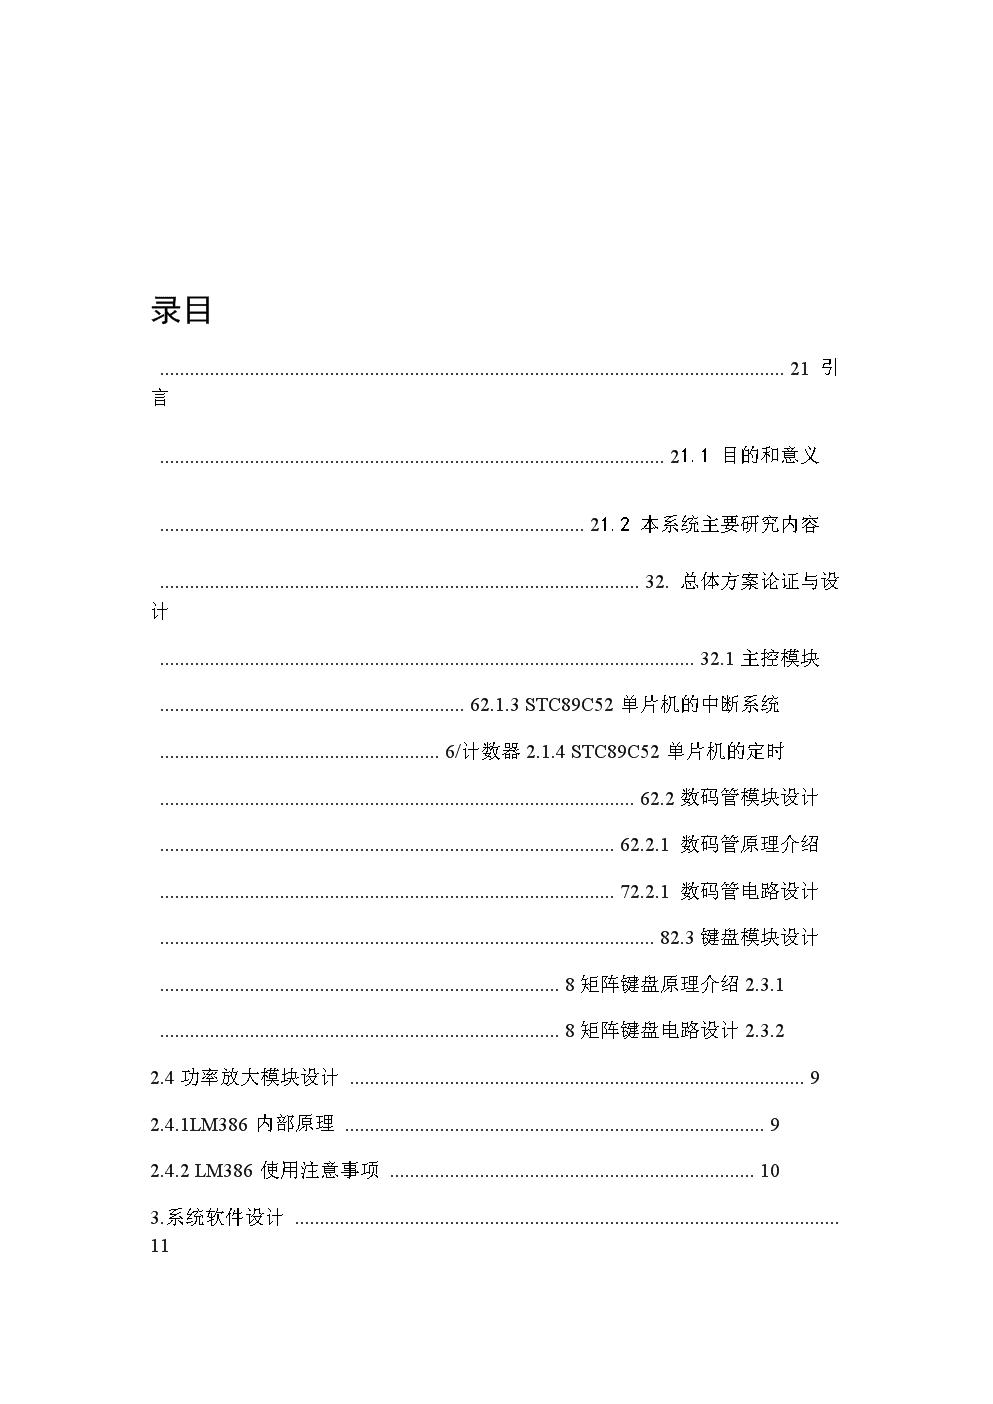 完整word版基于STC89C52单片机的简易电子琴课程设计.doc